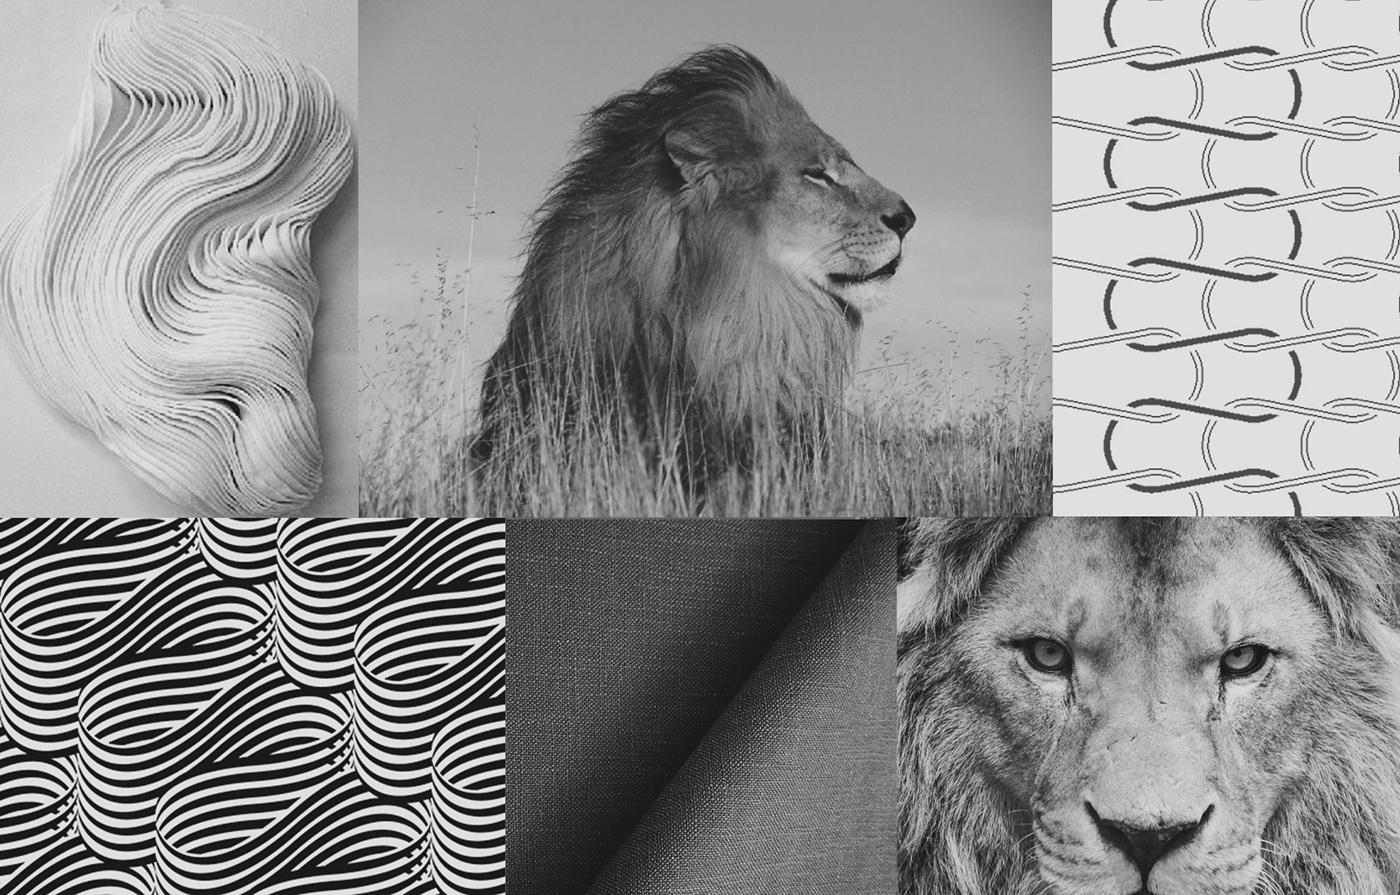 Referências para o projeto, tecidos ondulados, leões, fios de tecido entrelaçados e textura de malha